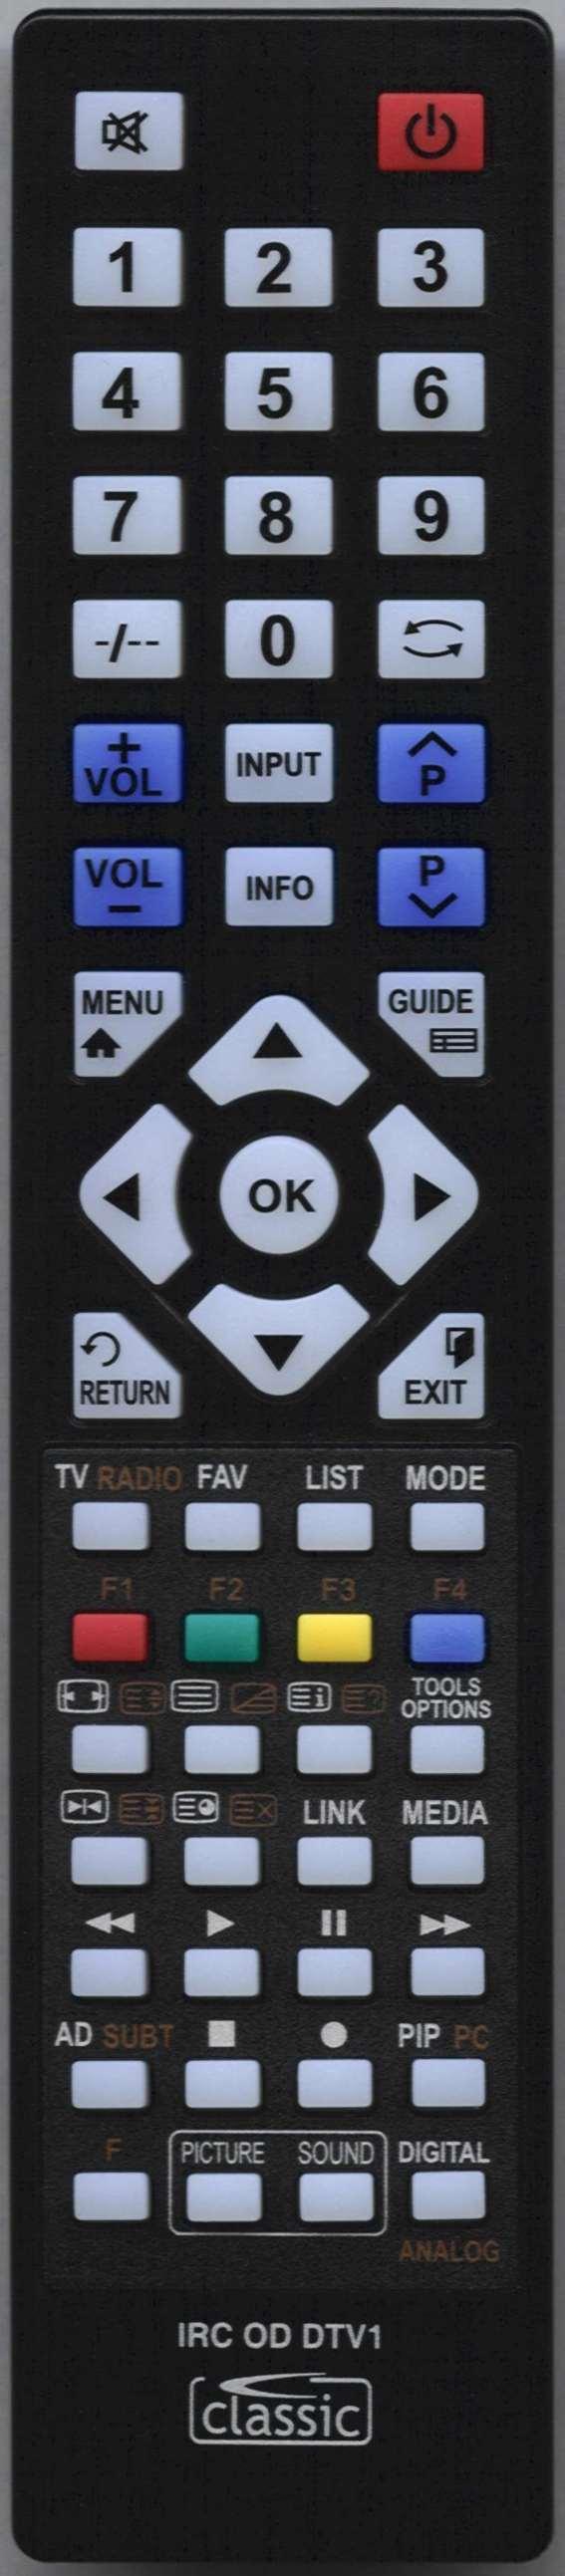 Cello C24100F-LED V5 Remote Control